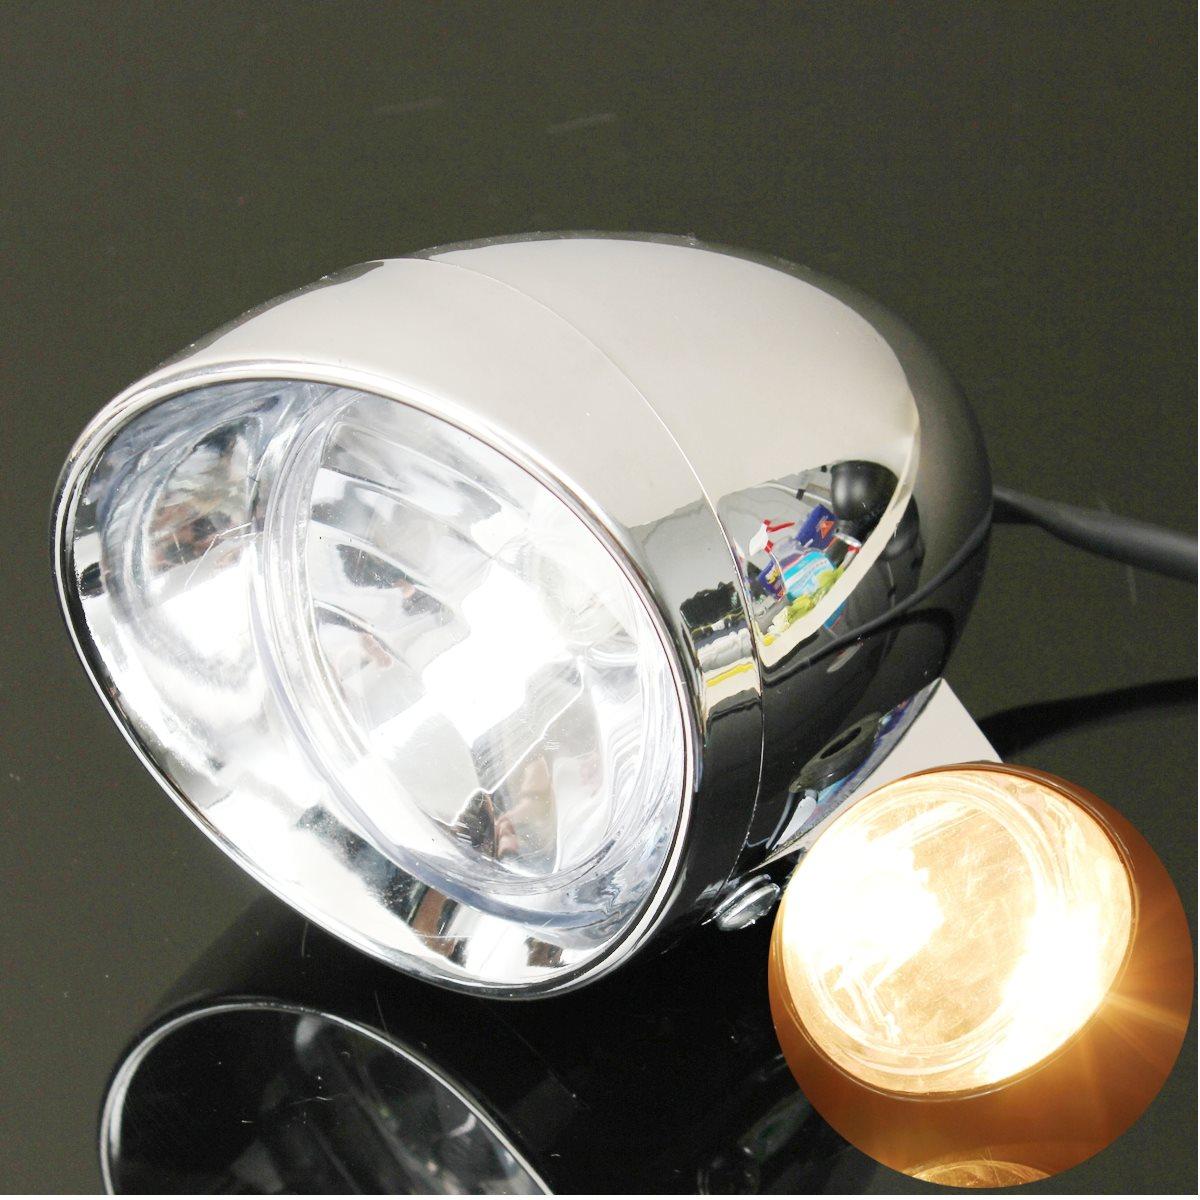 12V Universal Motorcycle MotorBike Round Headlight 4 Inch Chrome Lamp Amber Light Driving Fog Spot Light Lamp